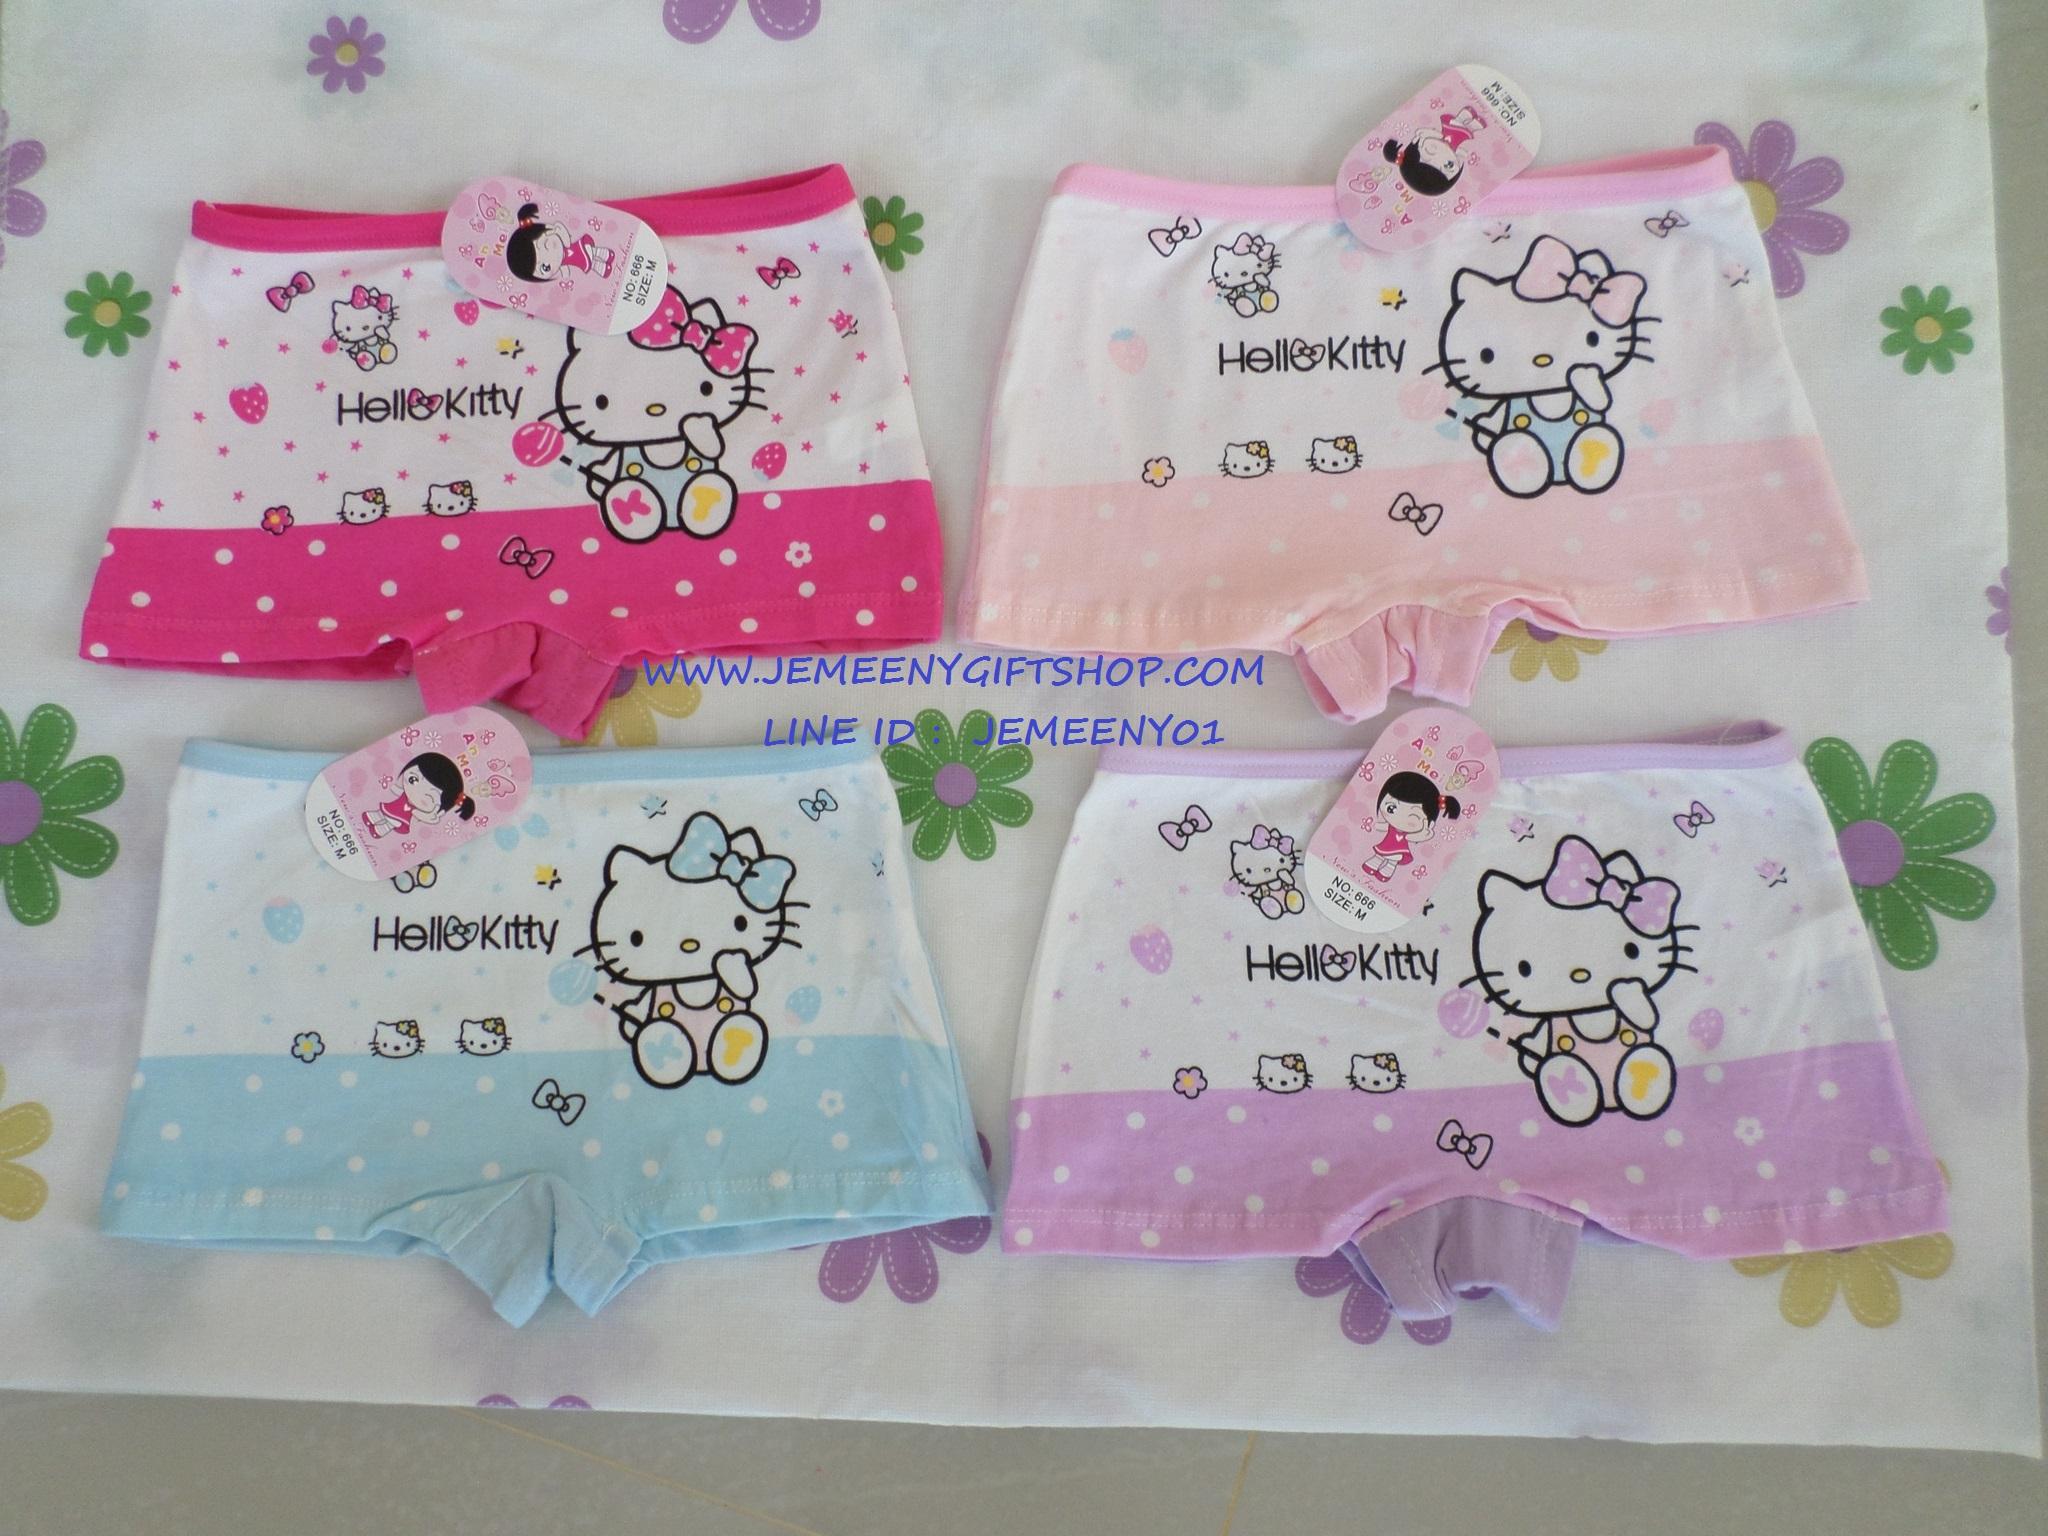 กางเกงชั้นในเด็กแบบขาสั้น ฮัลโหลคิตตี้ Hello kitty#1 size M สำหรับเด็ก 4-6 ขวบ